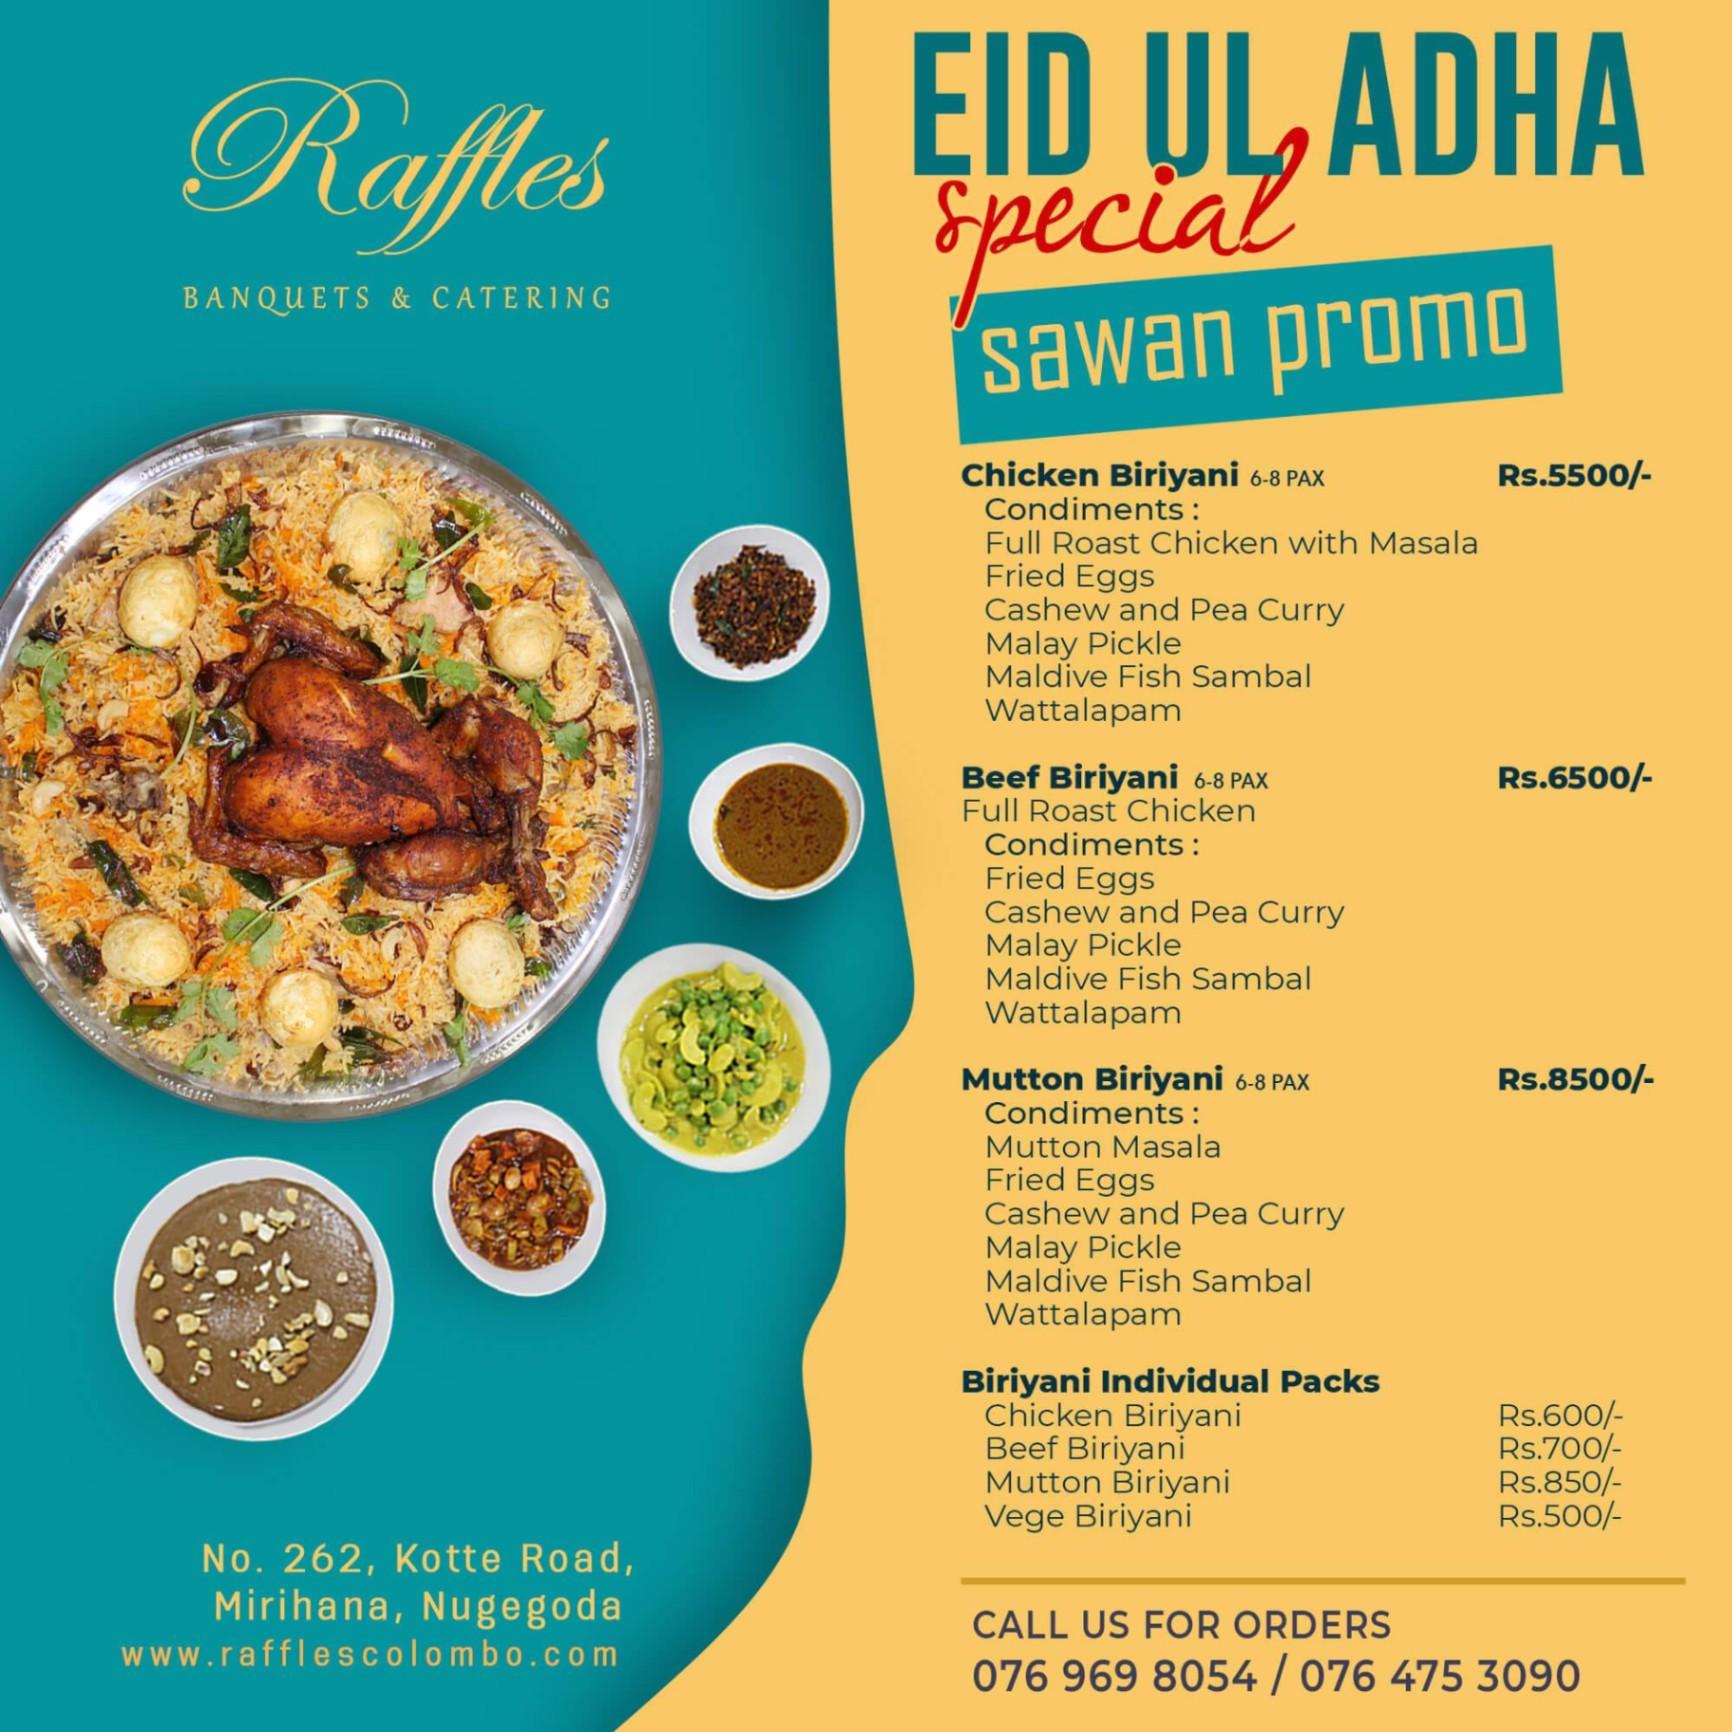 Eid Ul Adha Special Sawan Promotion